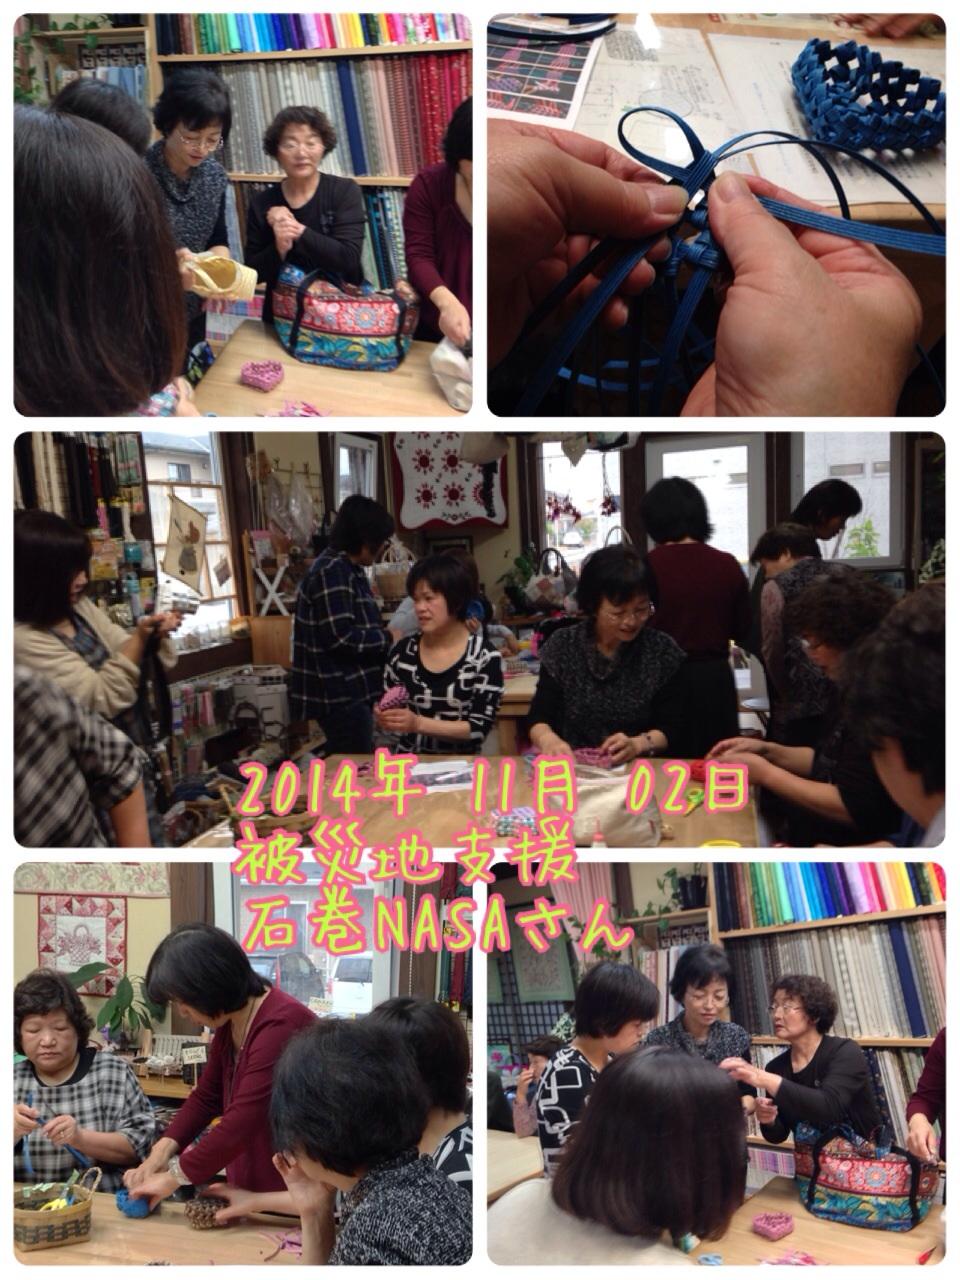 20141102204643255.jpg